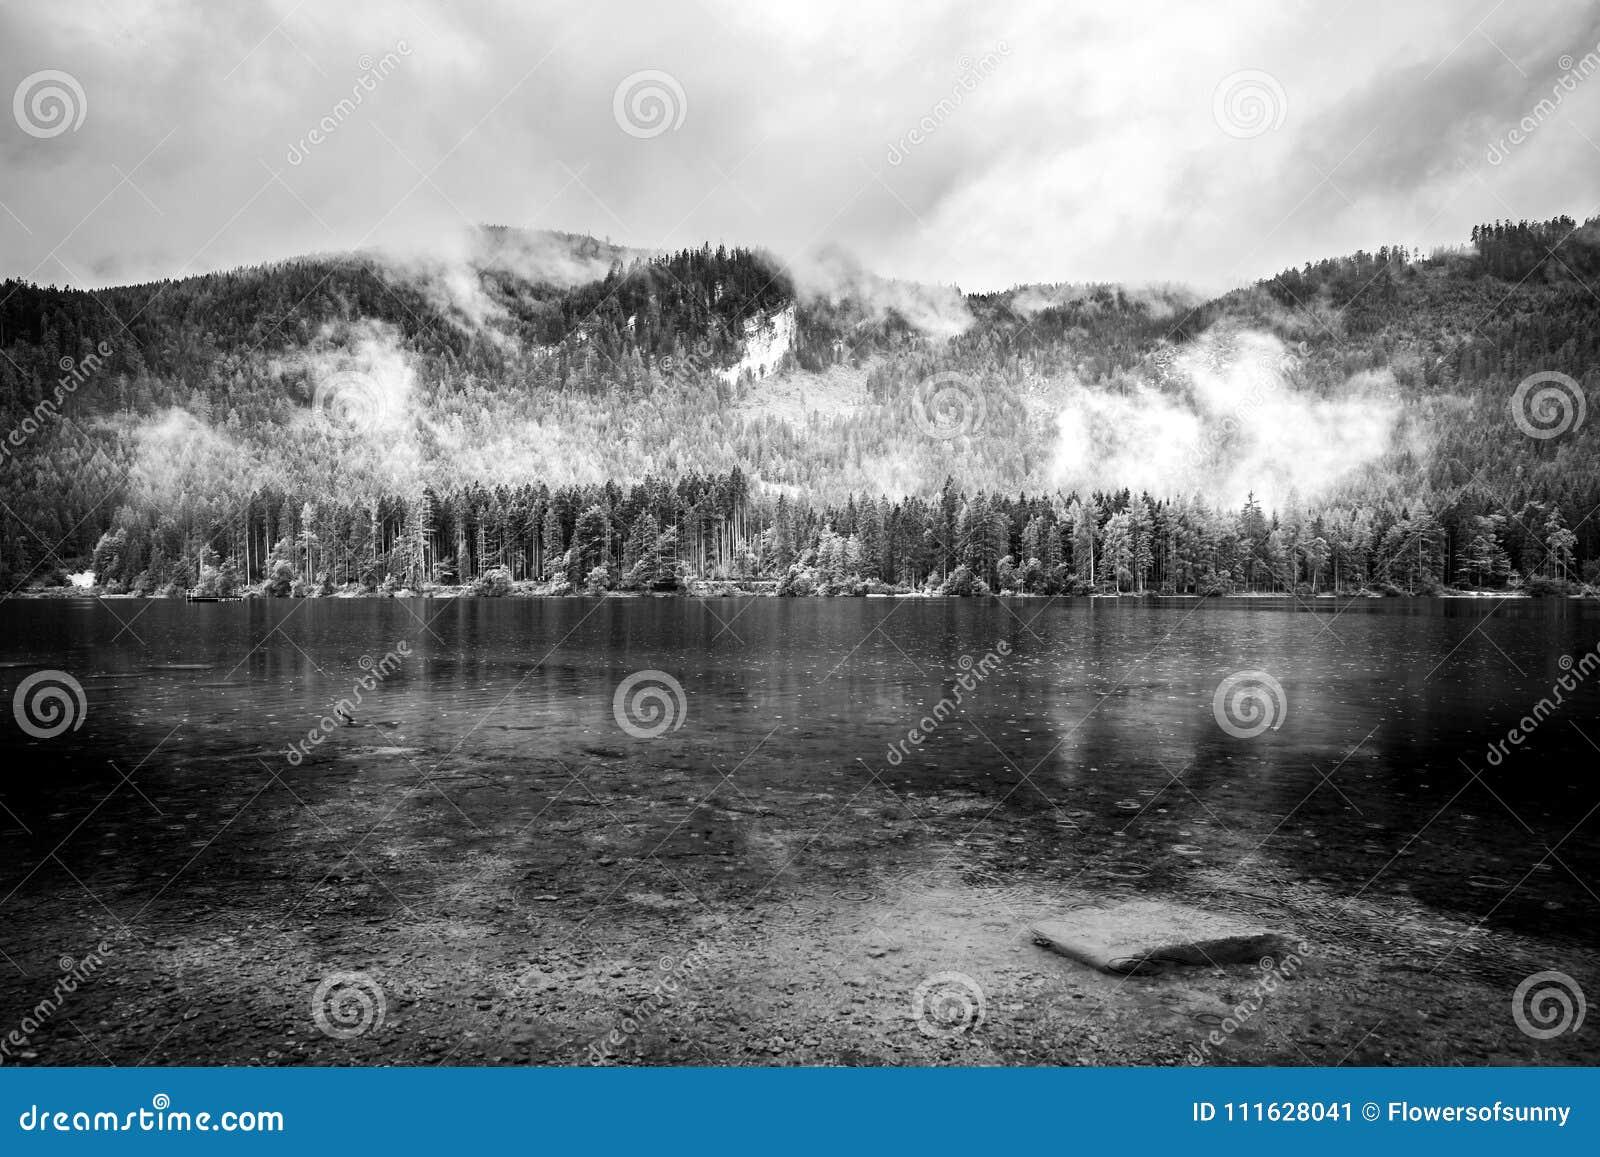 Paisaje Blanco Y Negro Del Lago Con Las Montañas Visión Nublada Y De